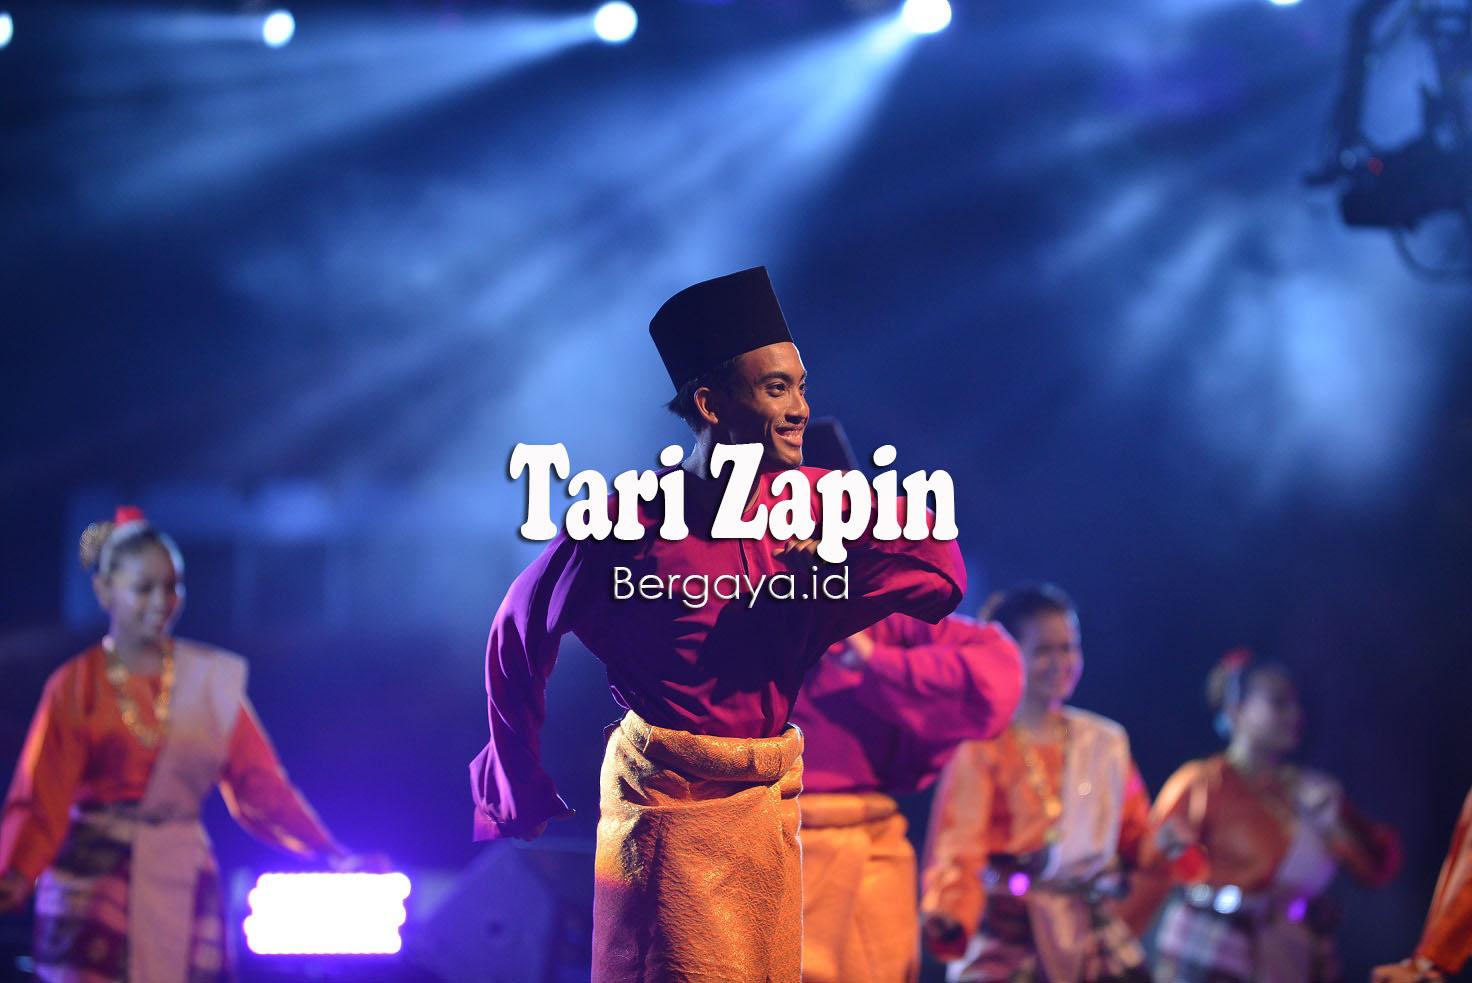 Tari Zapin